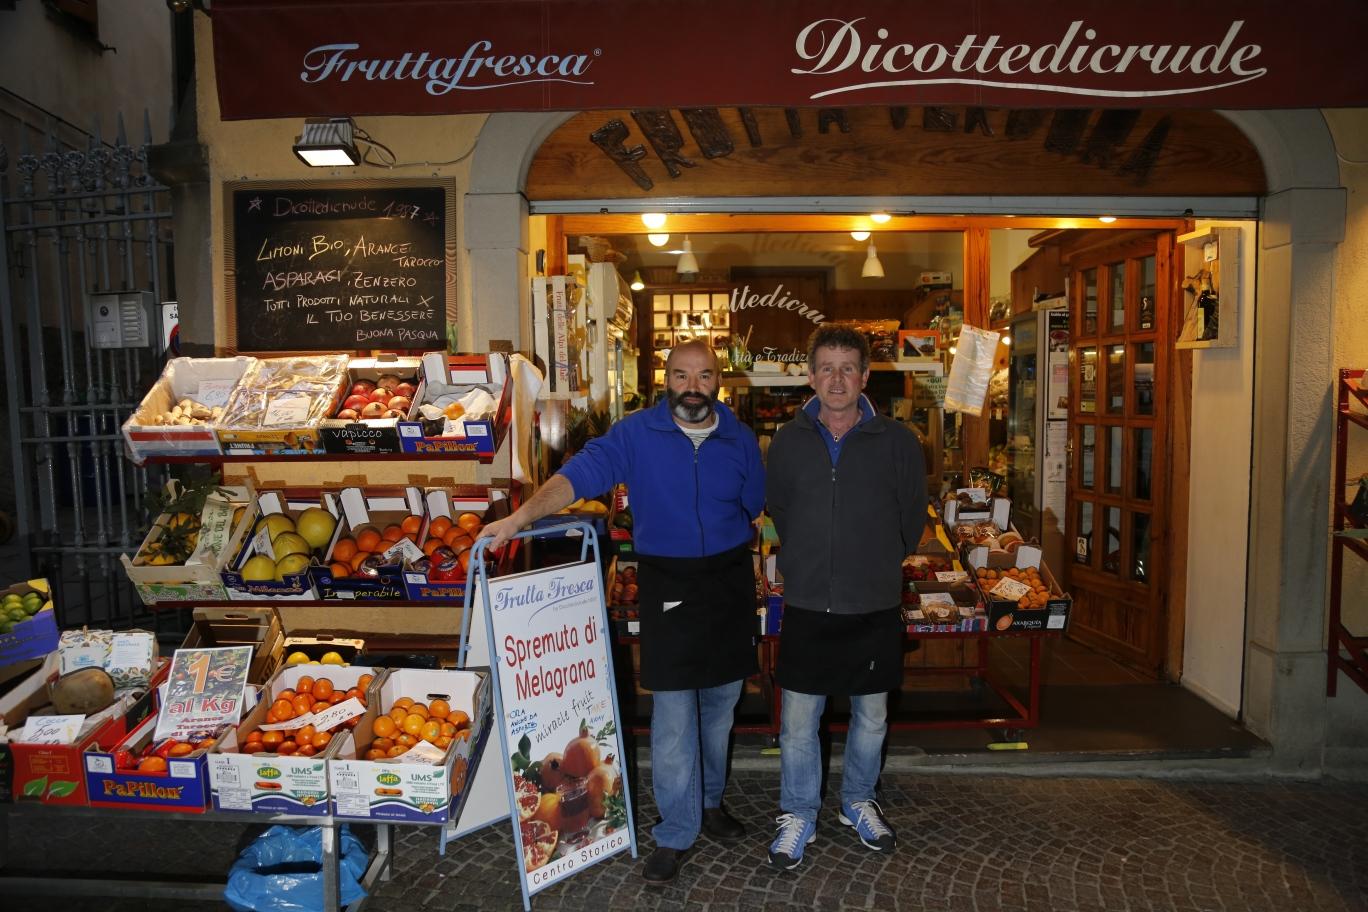 fruttivendoli alla riscossa, storie di negozi che innovano | la ... - Idee Arredamento Negozio Frutta E Verdura